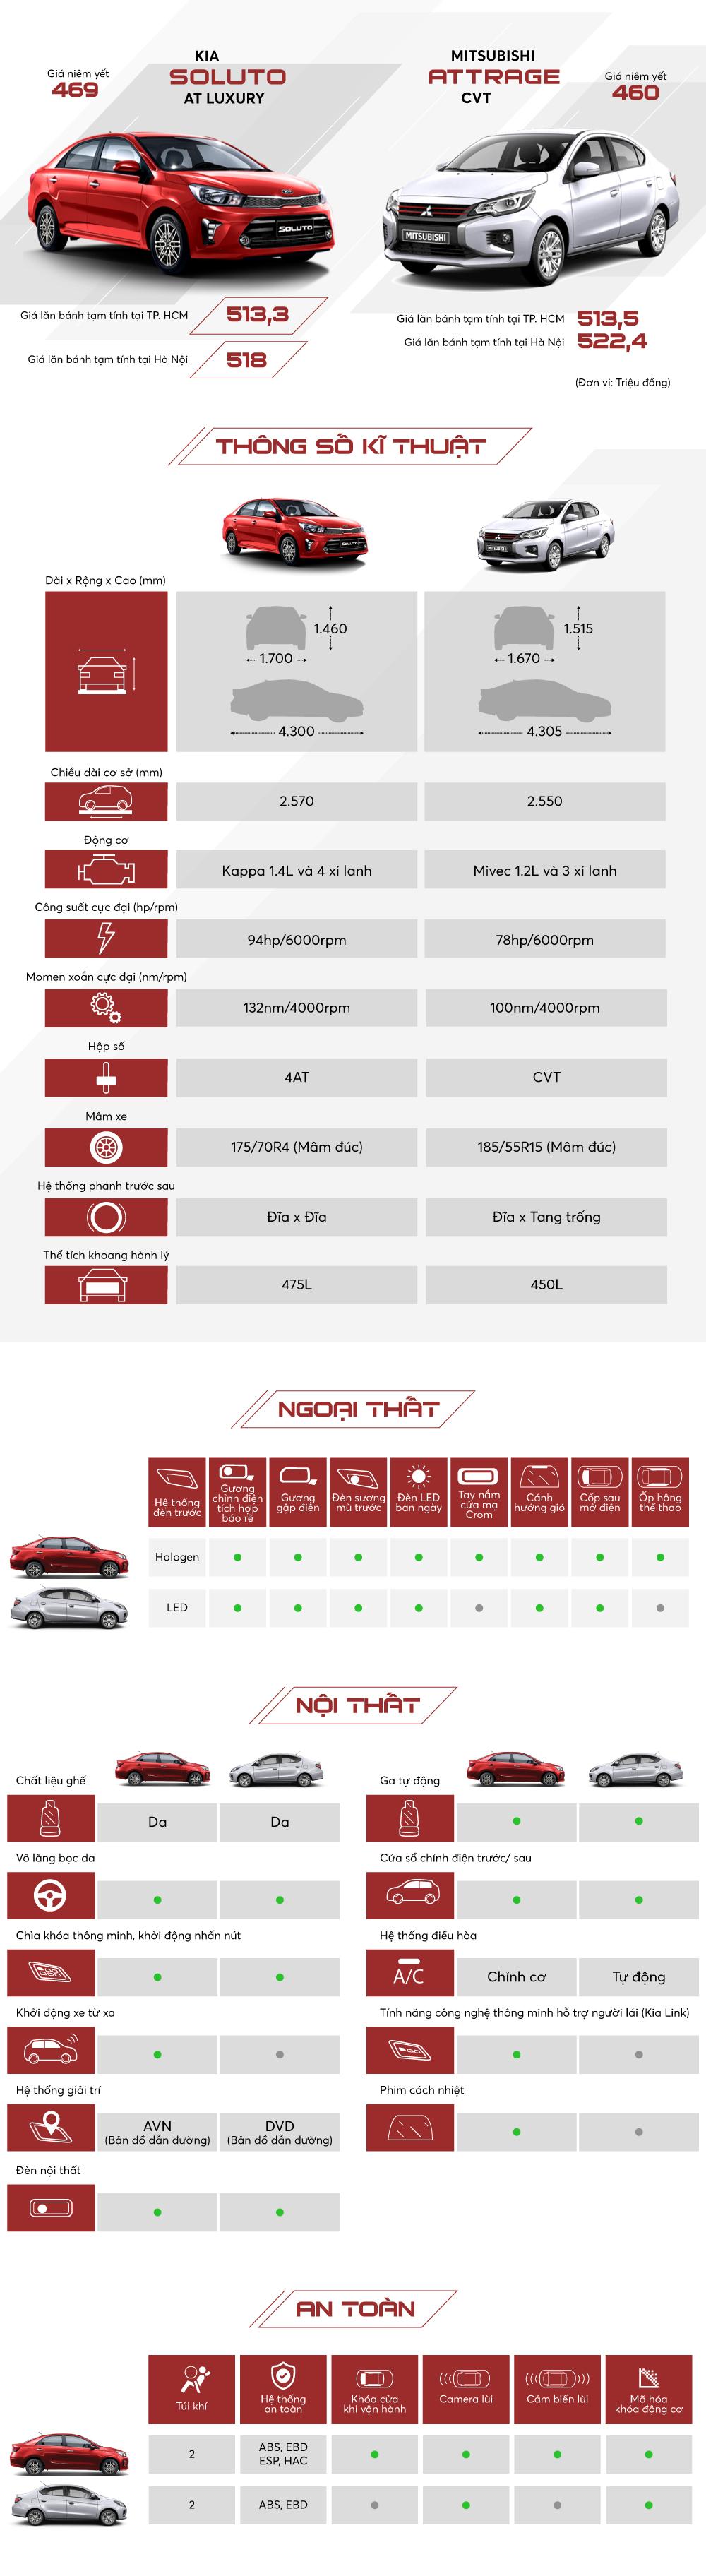 Soluto và Attrage - chọn sedan nào tầm giá 500 triệu đồng?